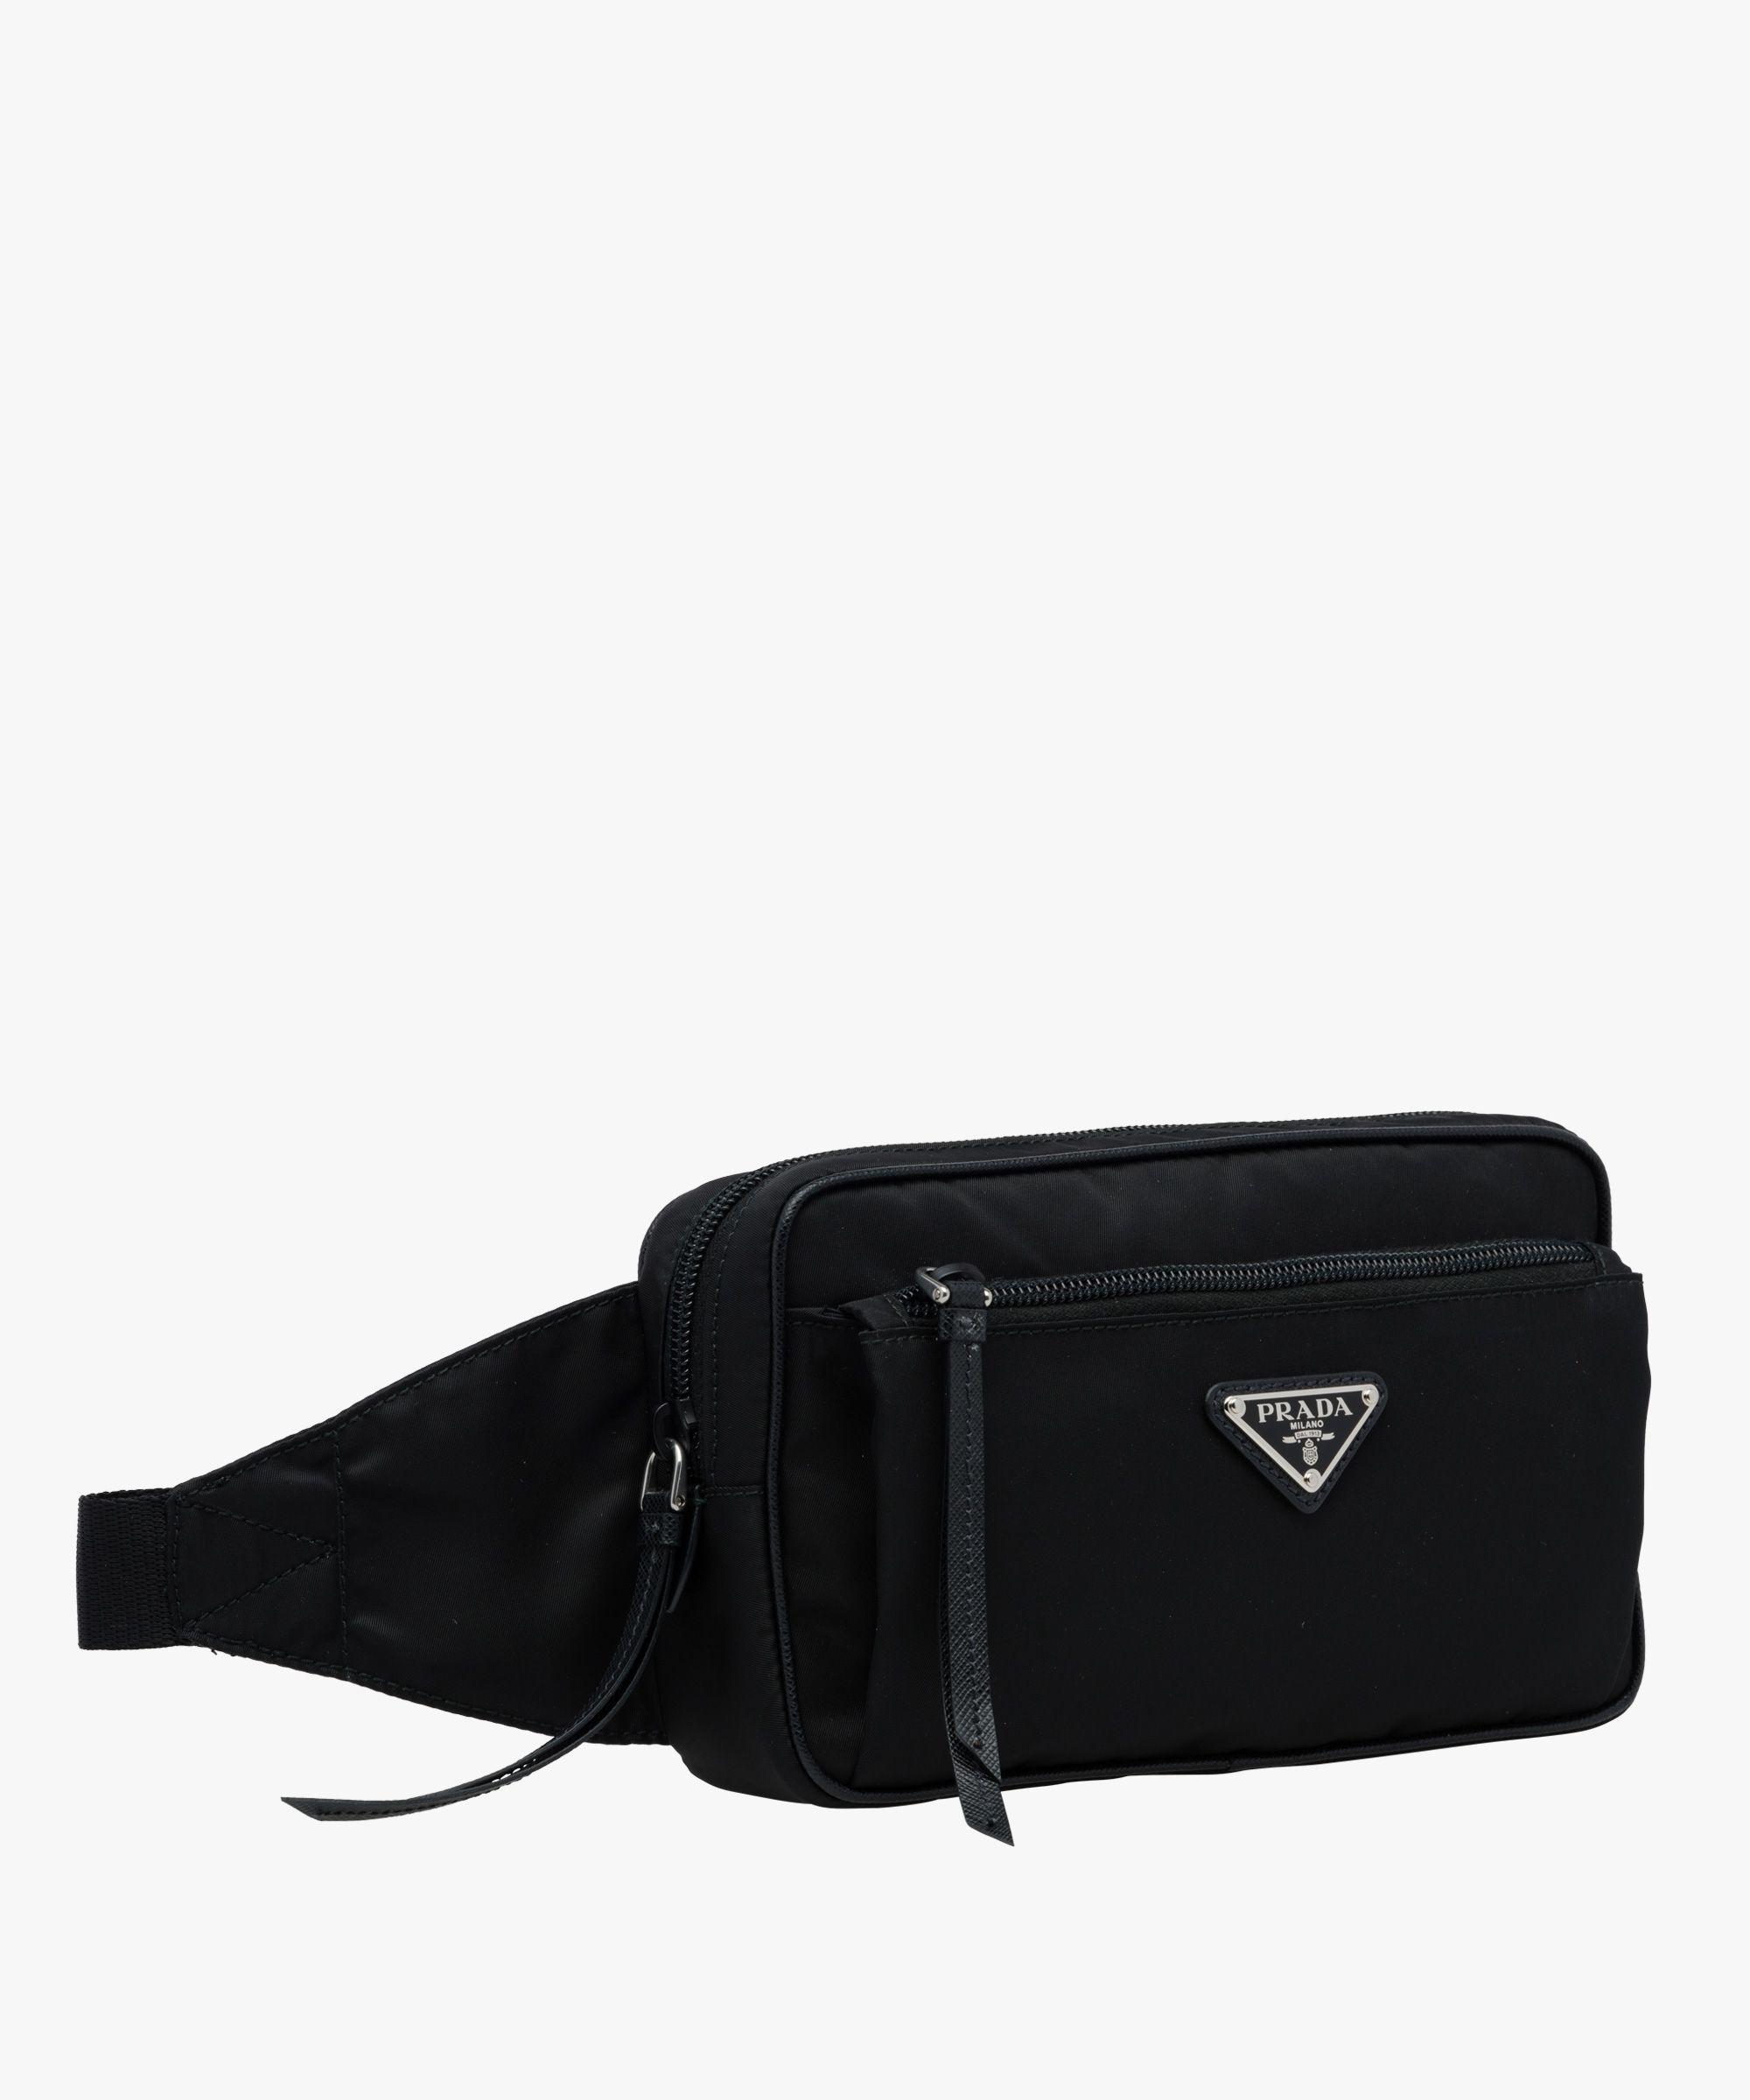 Prada - Nylon and leather belt bag   BAGS   Bags, Leather belt bag ... f148f5efd2